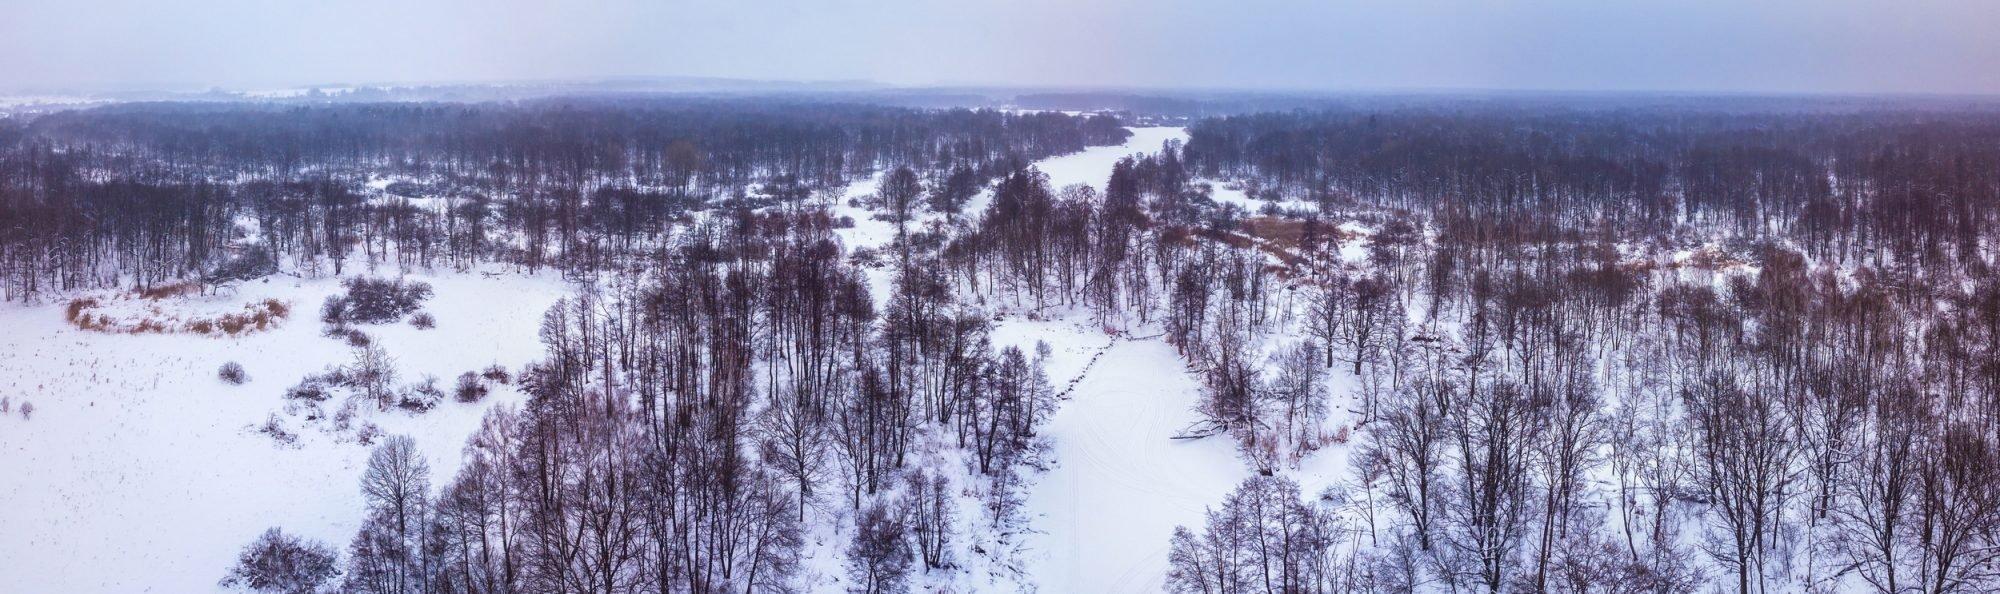 Озёра Глухое и Рейсы